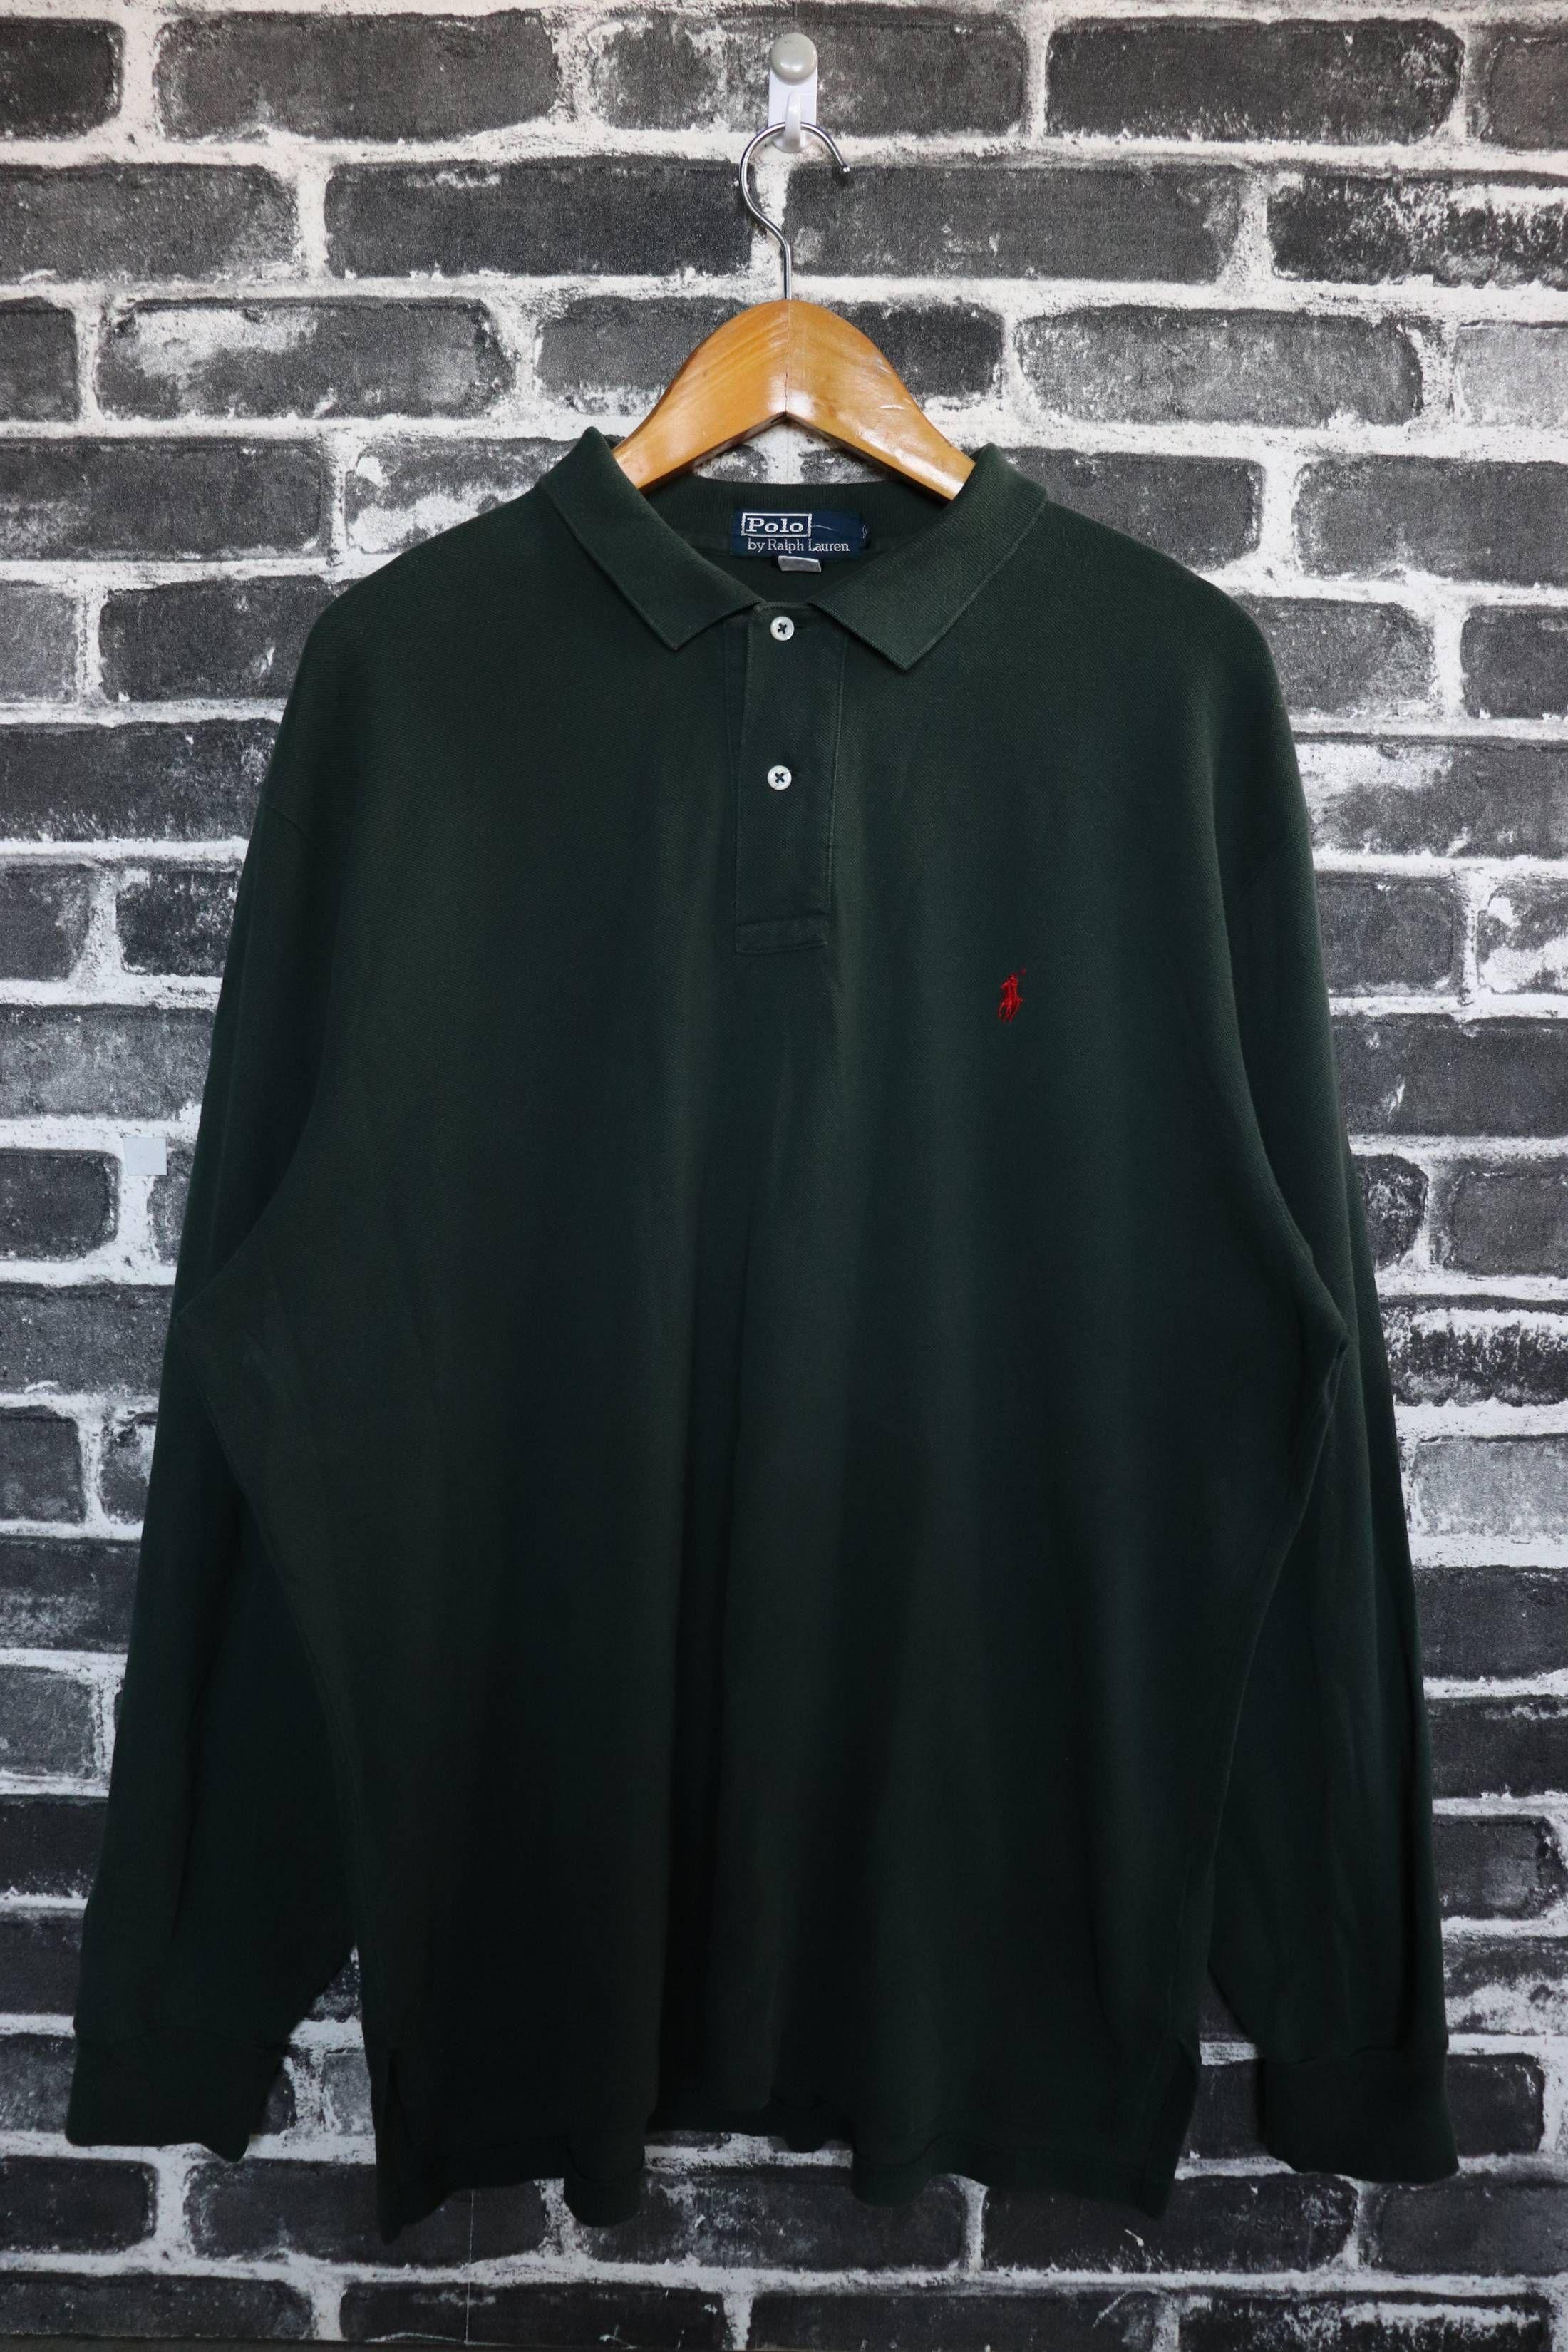 35fe48bd Polo Ralph Lauren Vintage Polo by Ralph Lauren Polos Collar Tshirt long  sleeve Emerald Green Rare